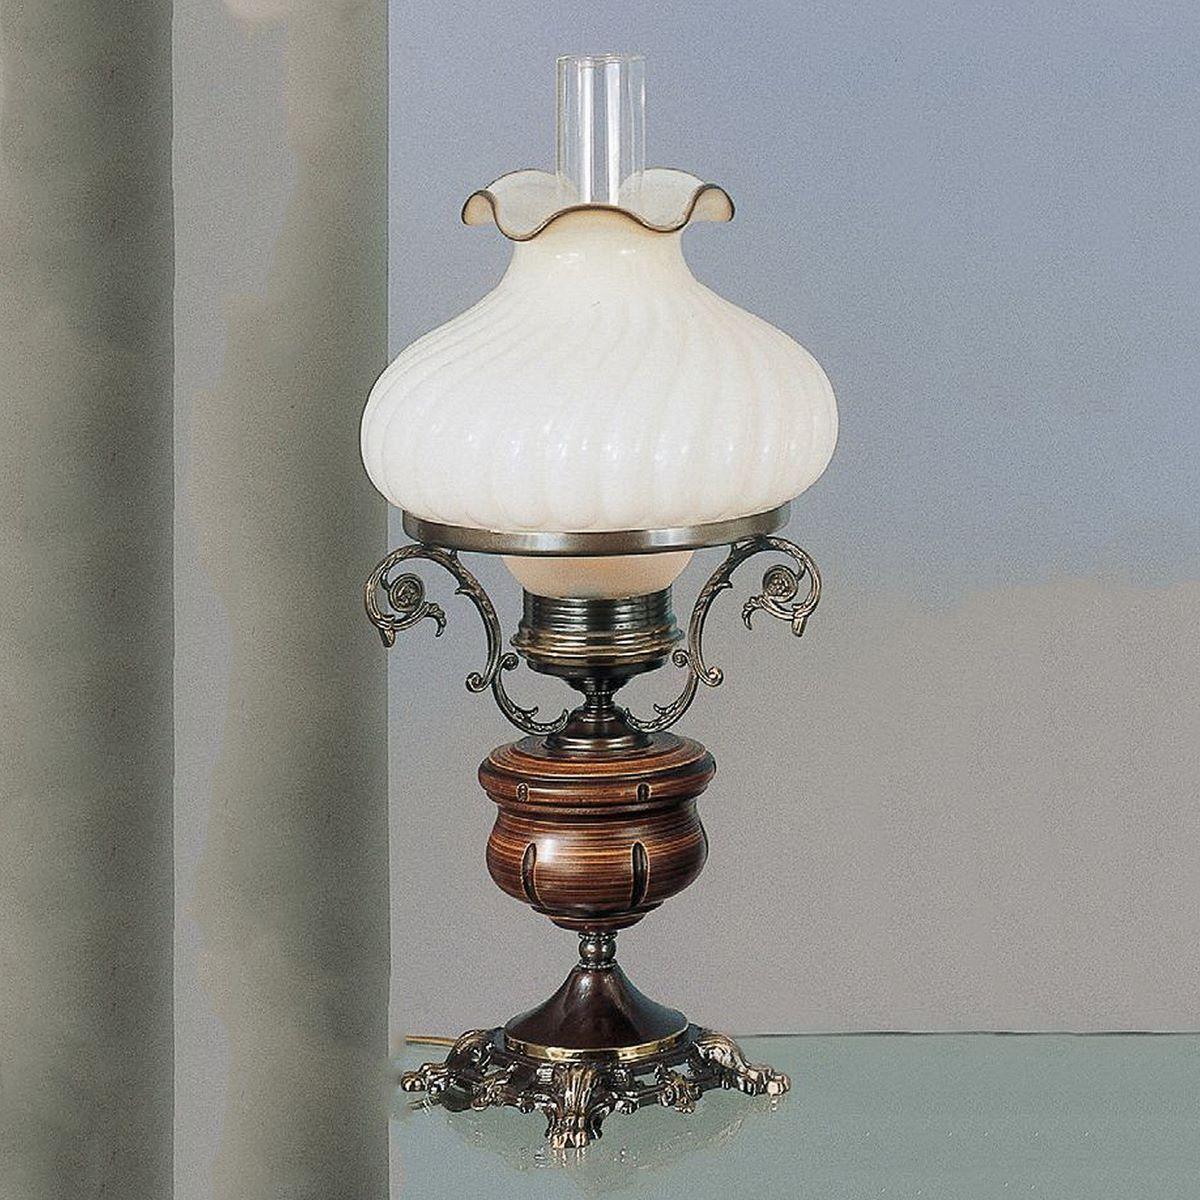 Дополнительное фото 2 товара Настольная лампа декоративная Reccagni Angelo 2442 P 2442 G